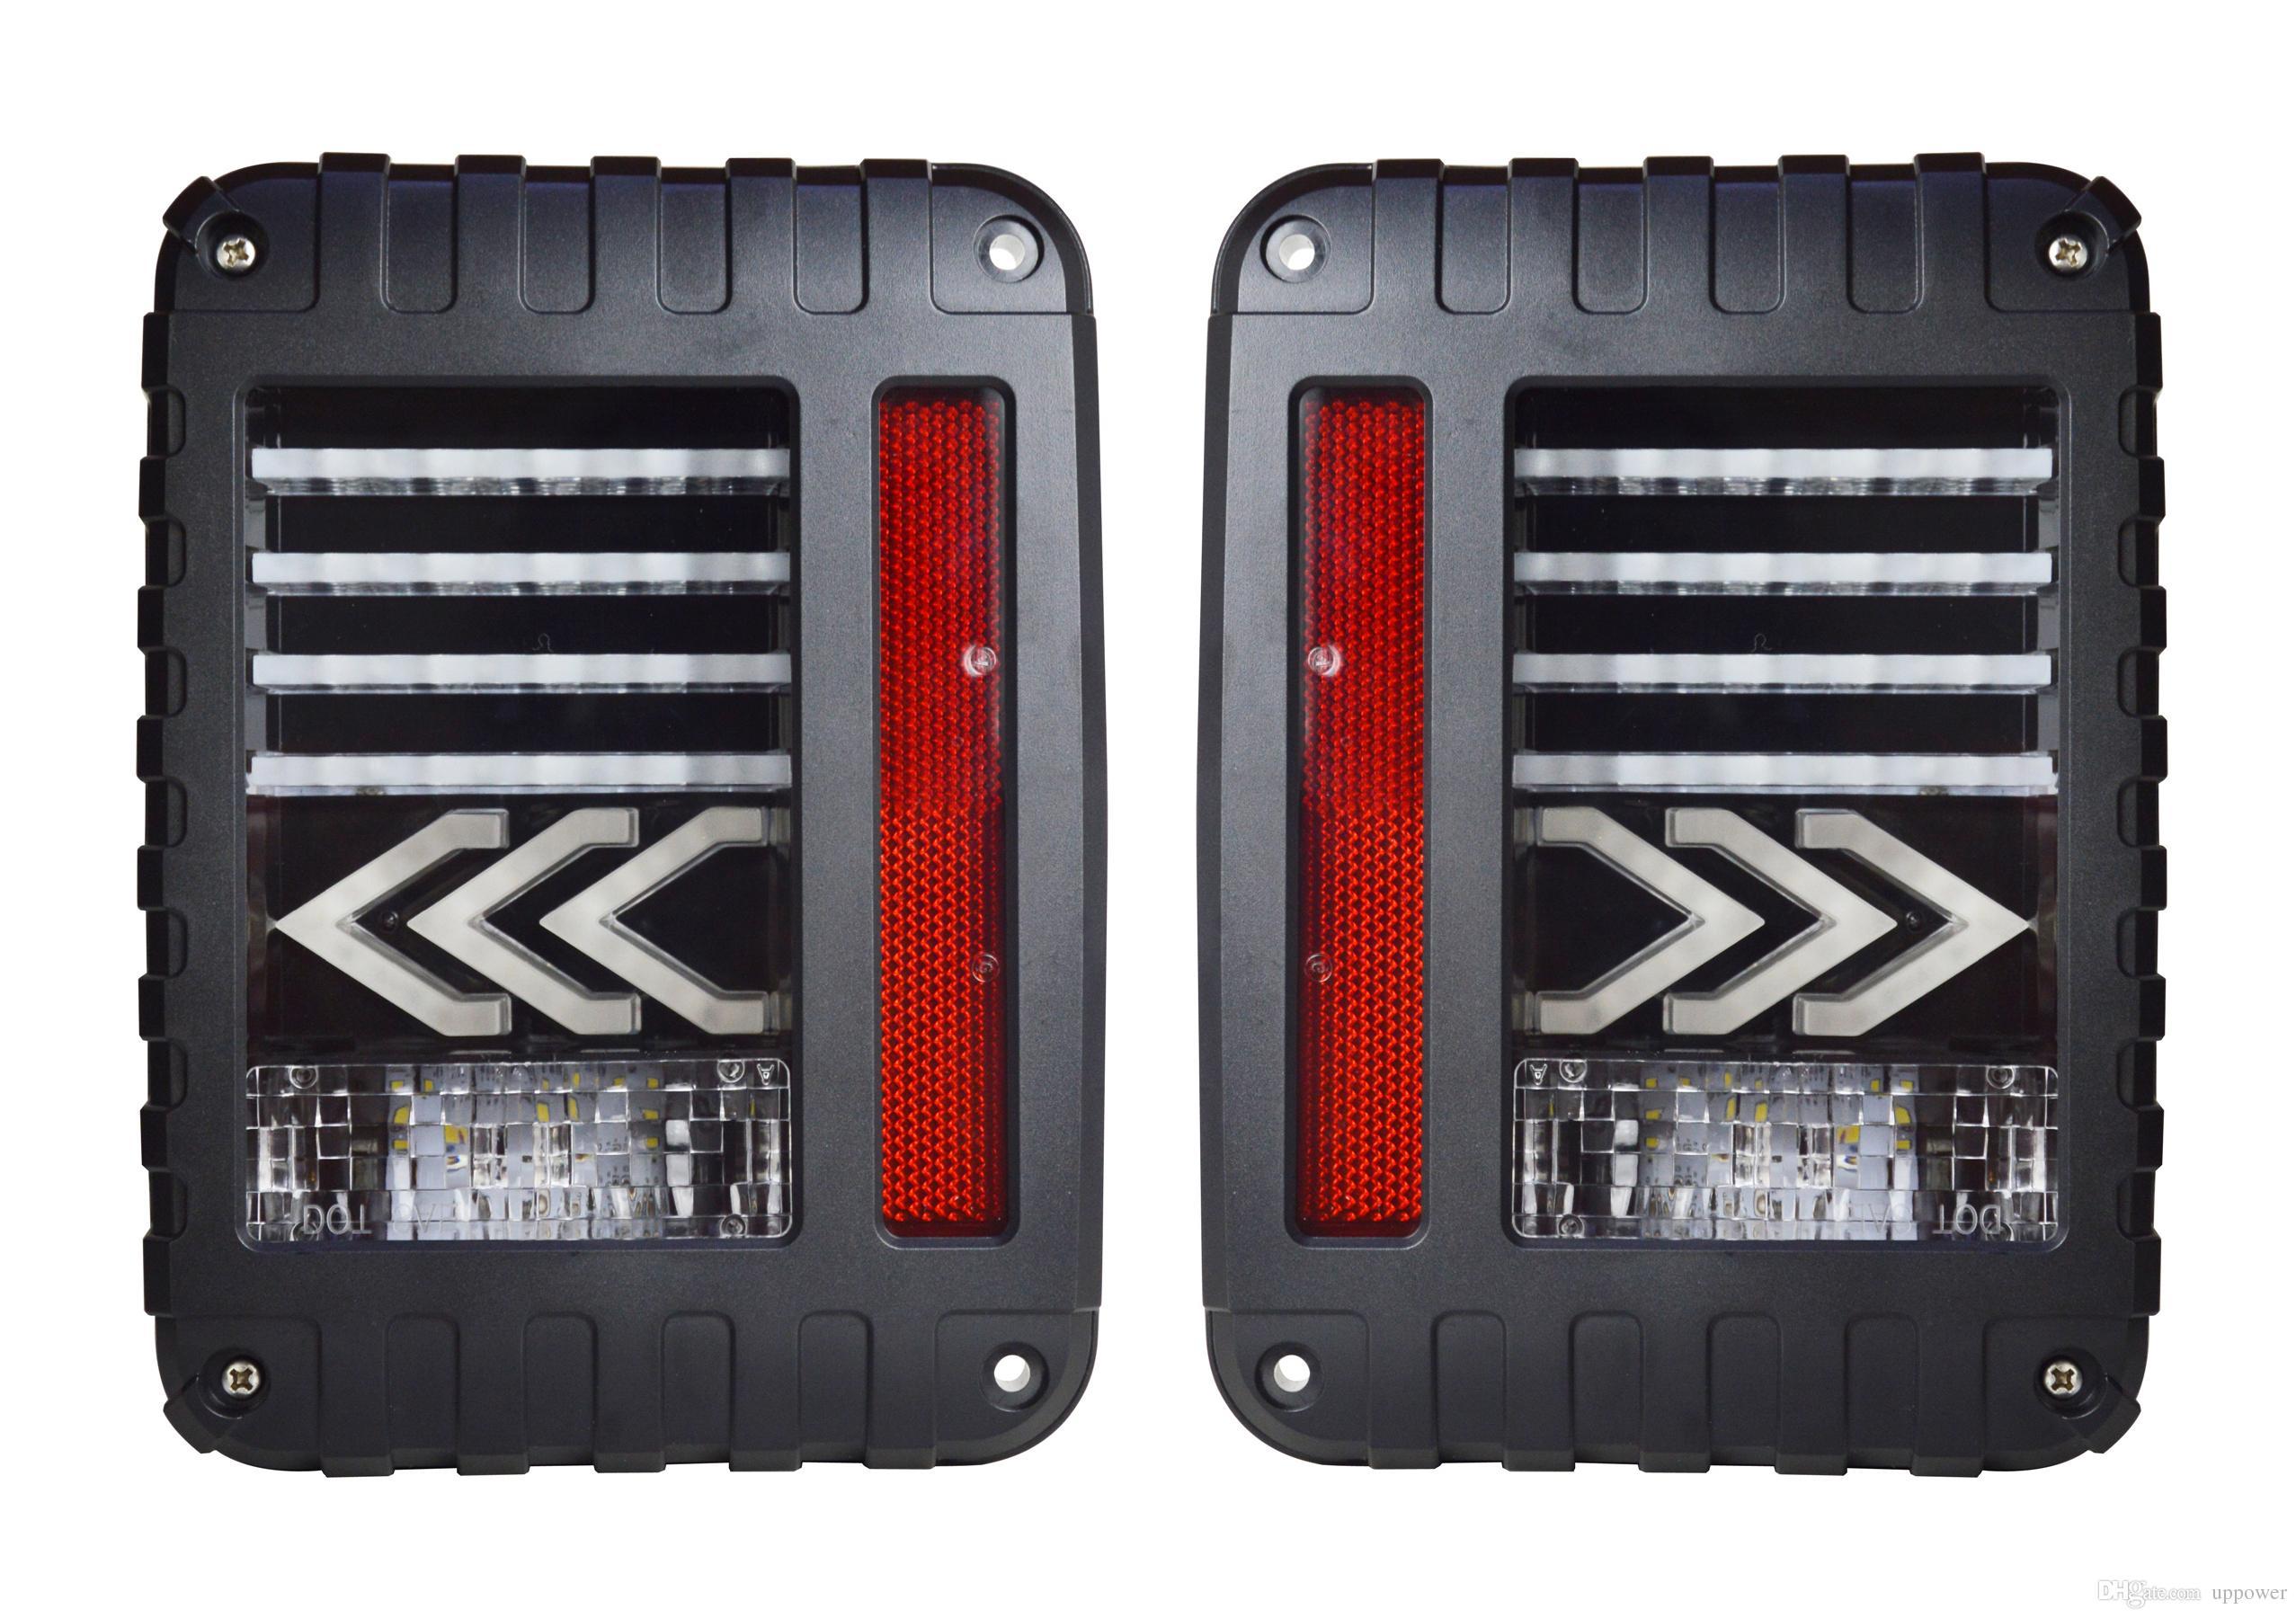 Luces de cola LED ahumada en Carbest 2x para 2007-2015 Jeep Wrangler Tail Light Freno de luz Luz trasera de la parte posterior de la parte trasera de la lámpara de Singal Running